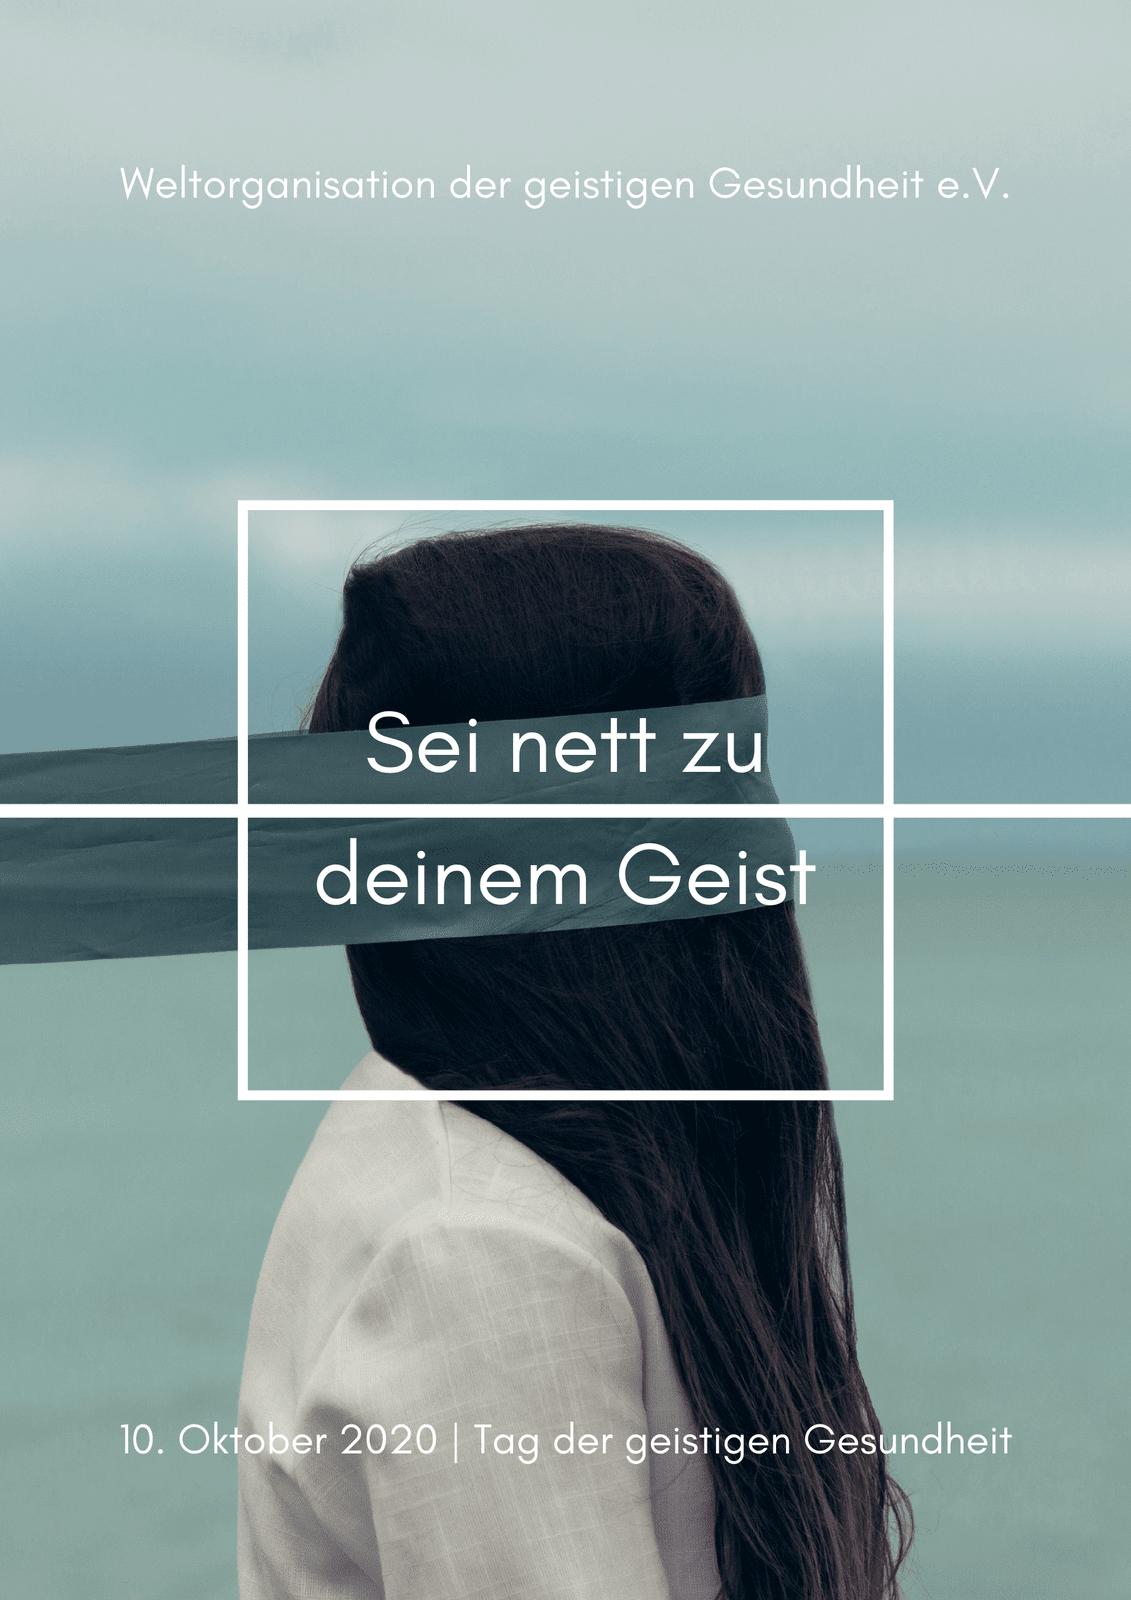 Blaugrün Foto minimalistisch geistige Gesundheit Poster